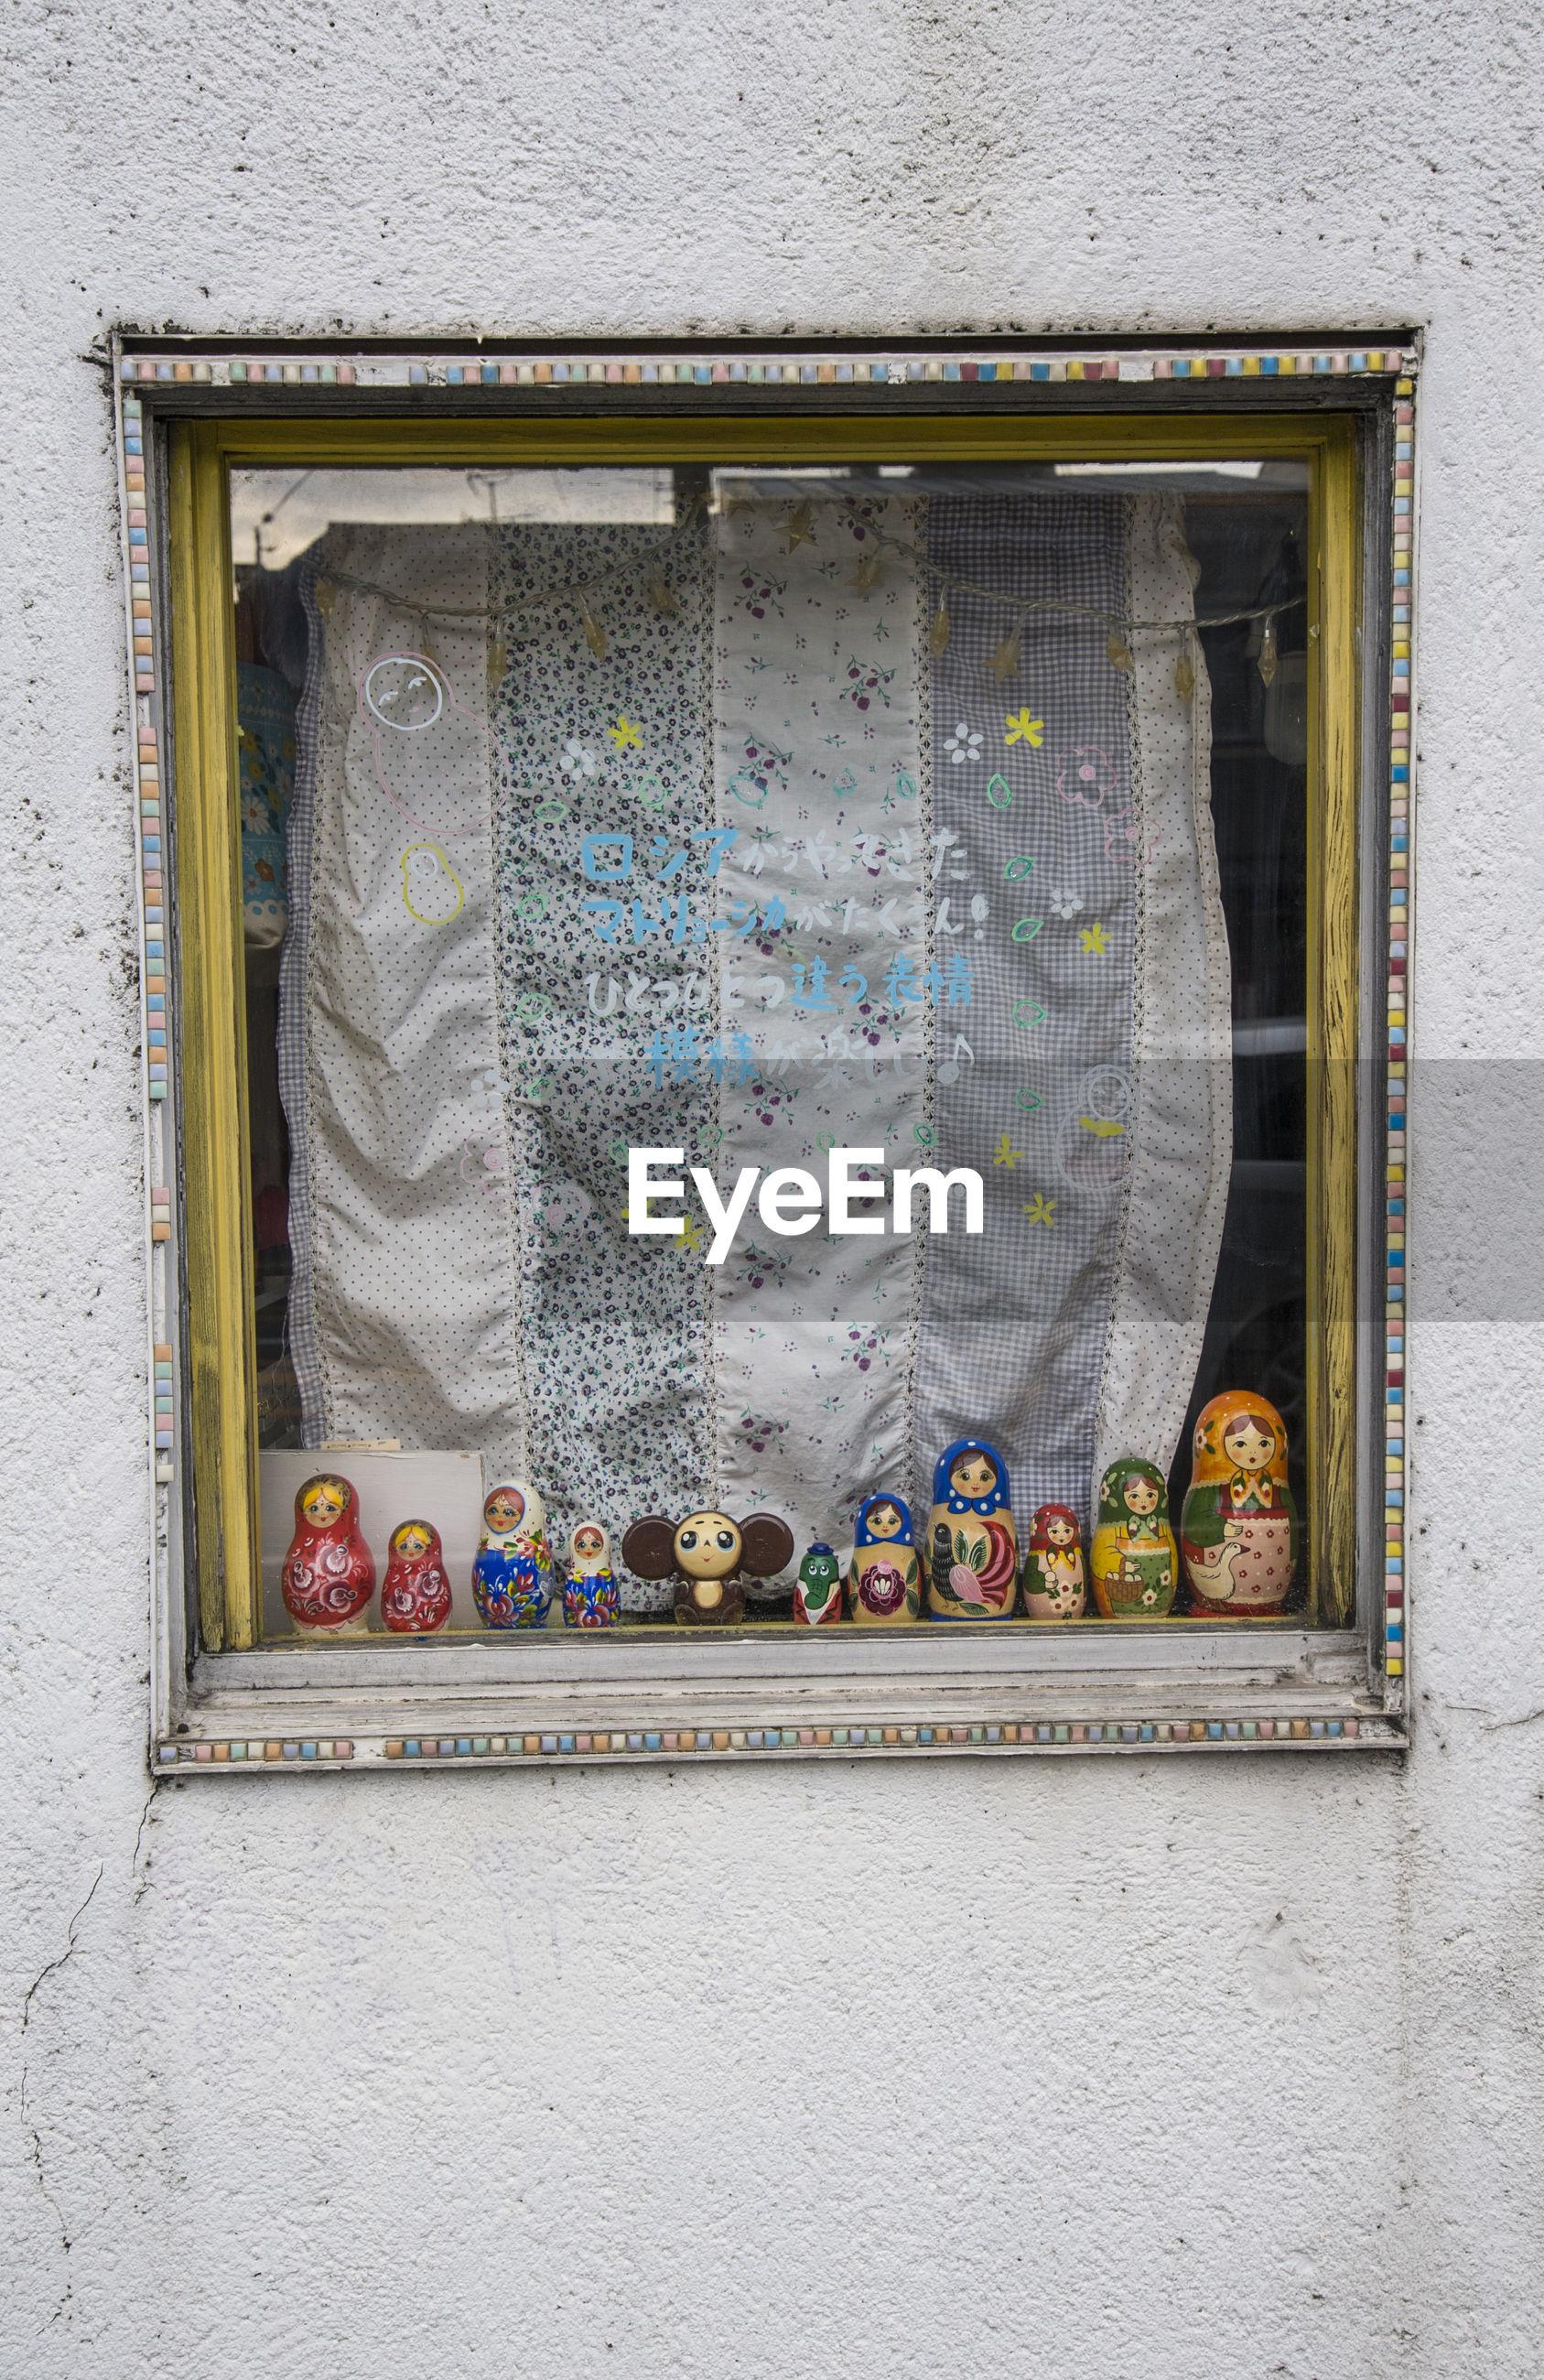 GRAFFITI ON GLASS WINDOW OF HOUSE